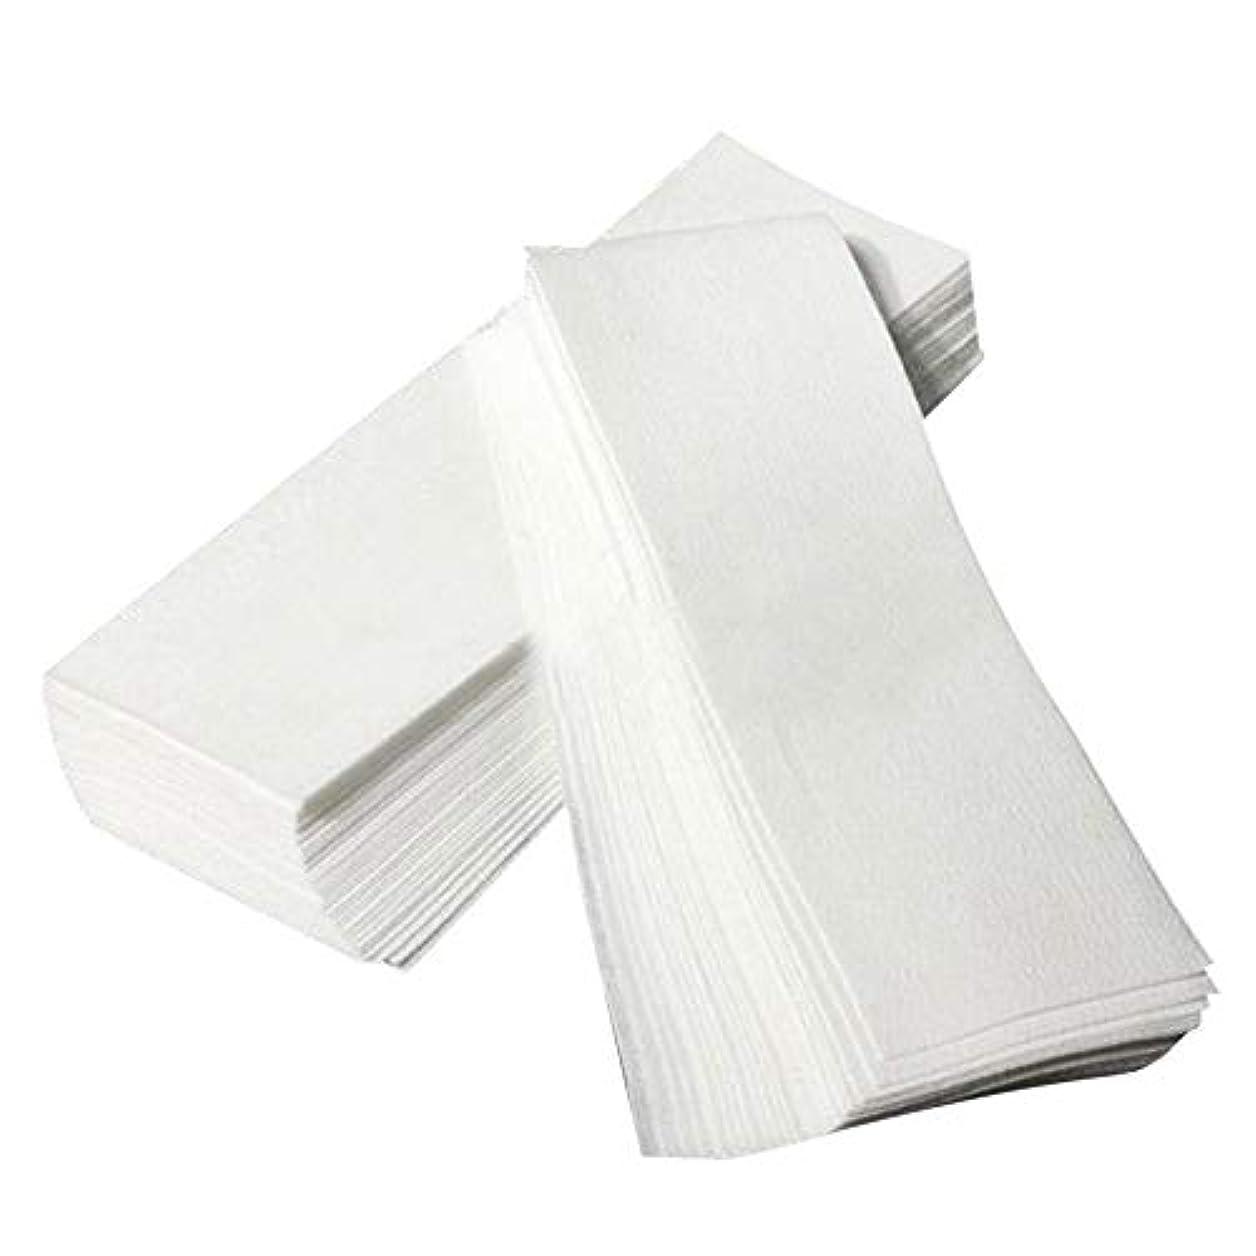 確執断片承認使い捨て 脱毛紙 100シート/パック 不織布 美容ツール 脱毛器 女性たち スムーズな脚のワックスがけ